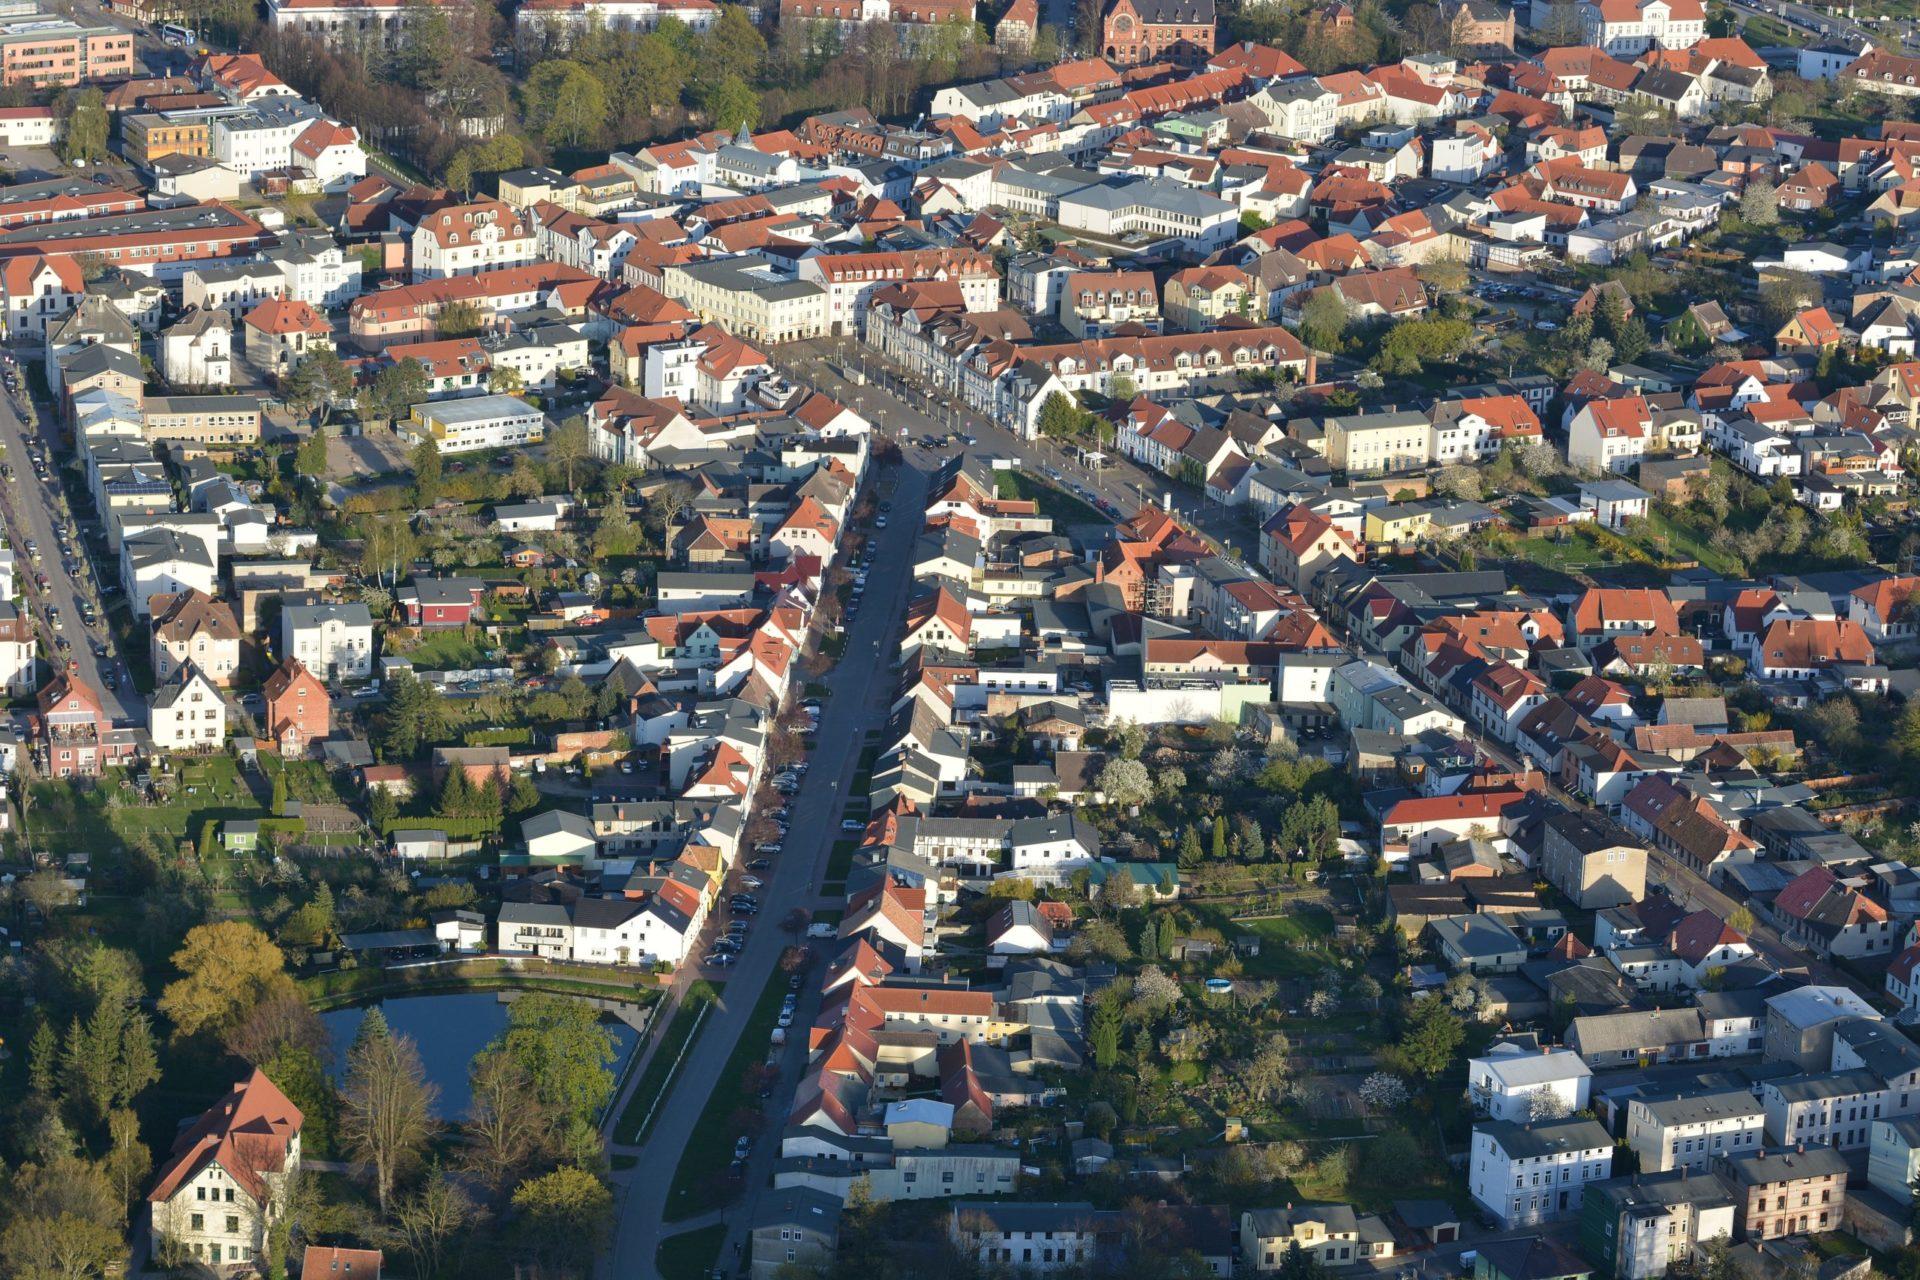 Luftbild Neue Reihe Baumstrasse Marktplatz Bad Doberan